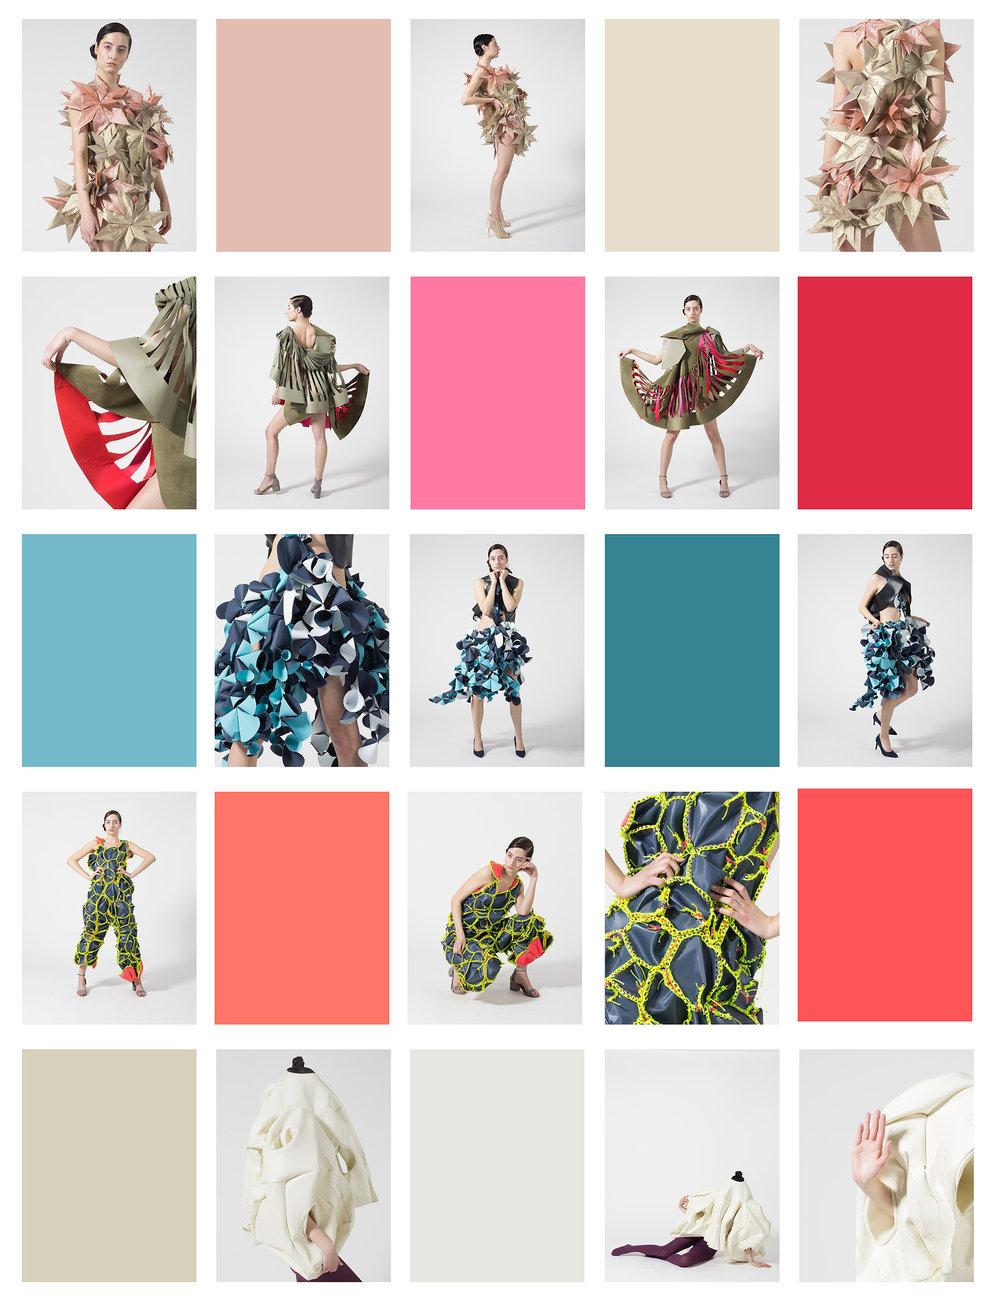 Designers (top to bottom): Sophie Zhou, Yafei Shen, Meiru Cai (skirt) + Carley Brandau (top), Carley Brandau, Yuanyu Xiong  lookbook concept color swatch book